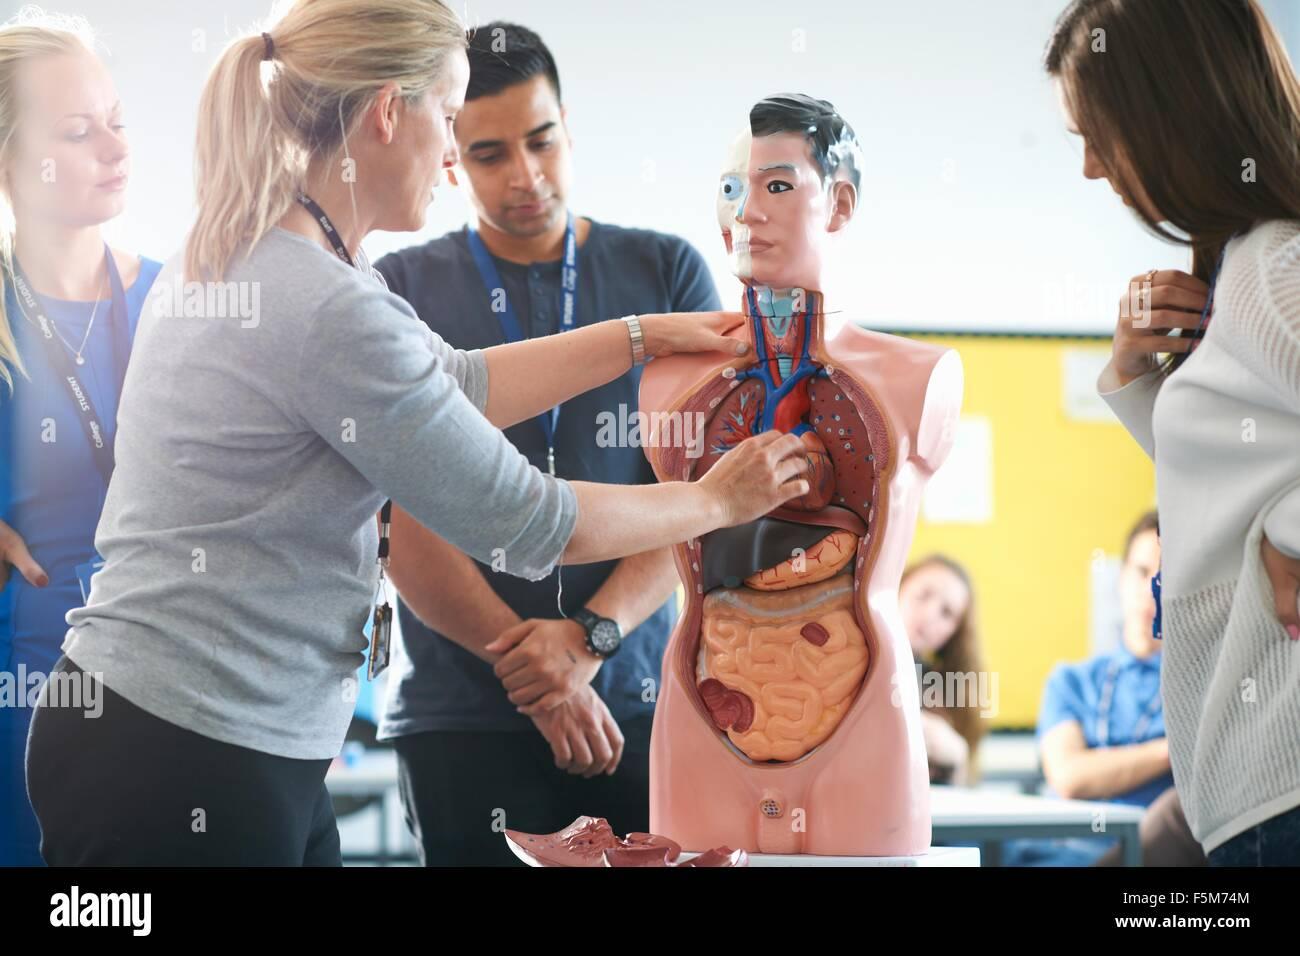 Dozent im Gespräch mit Studenten in der menschlichen Anatomie Klasse ...